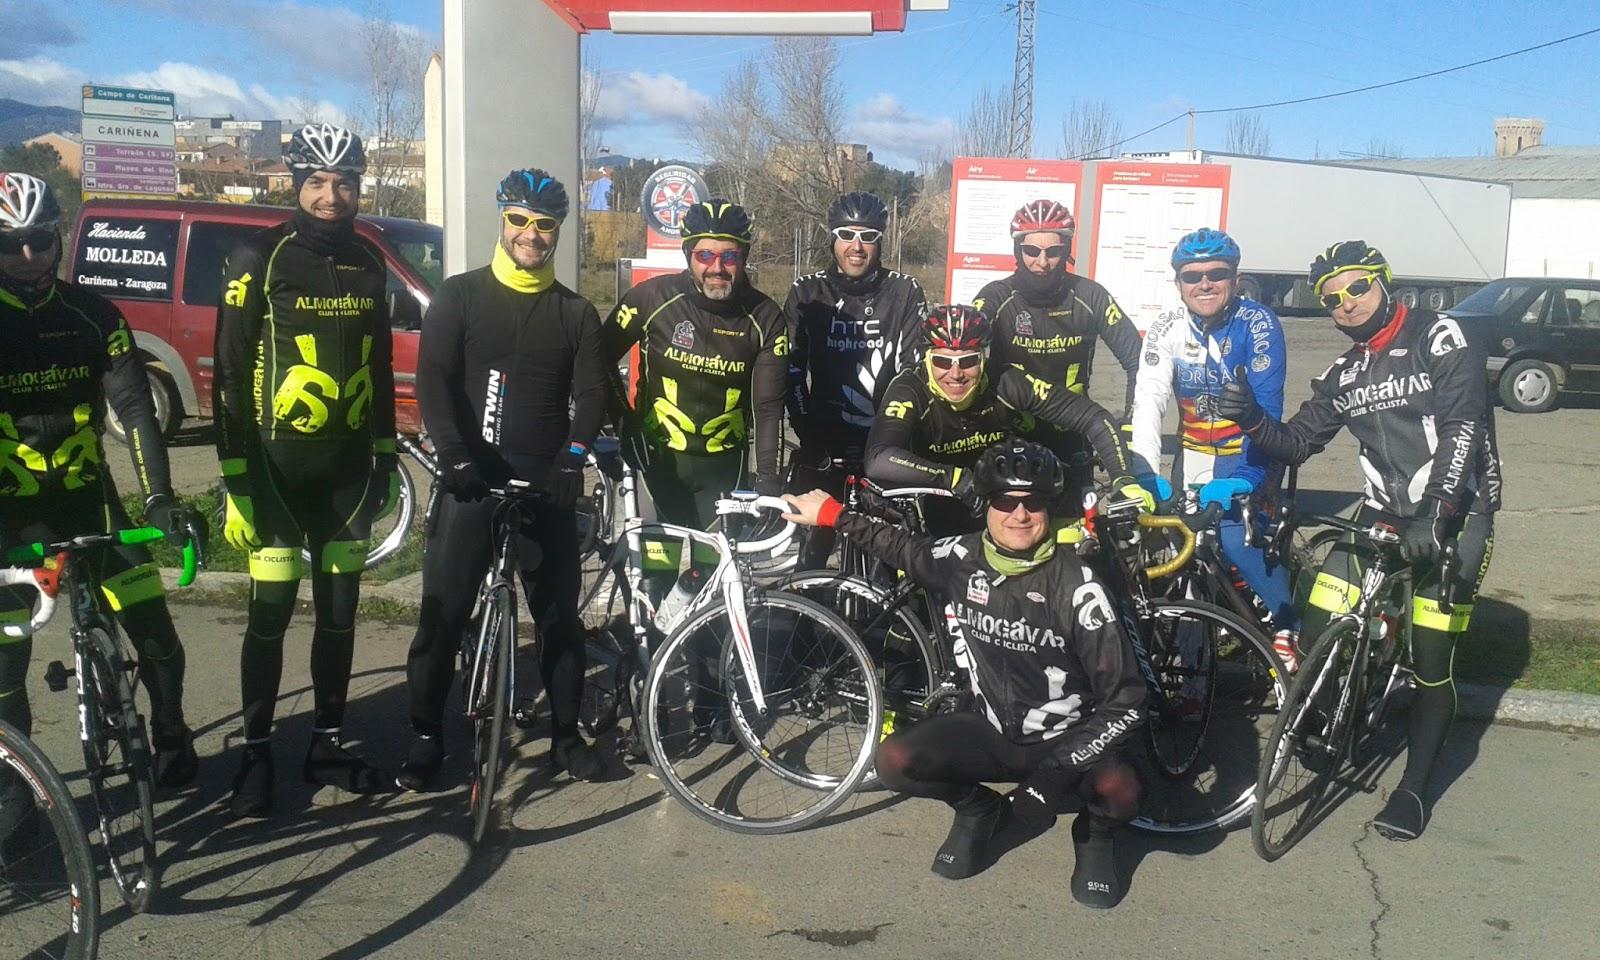 Club ciclista almog var ruta del domingo 07 02 - Como se puede abortar en casa ...